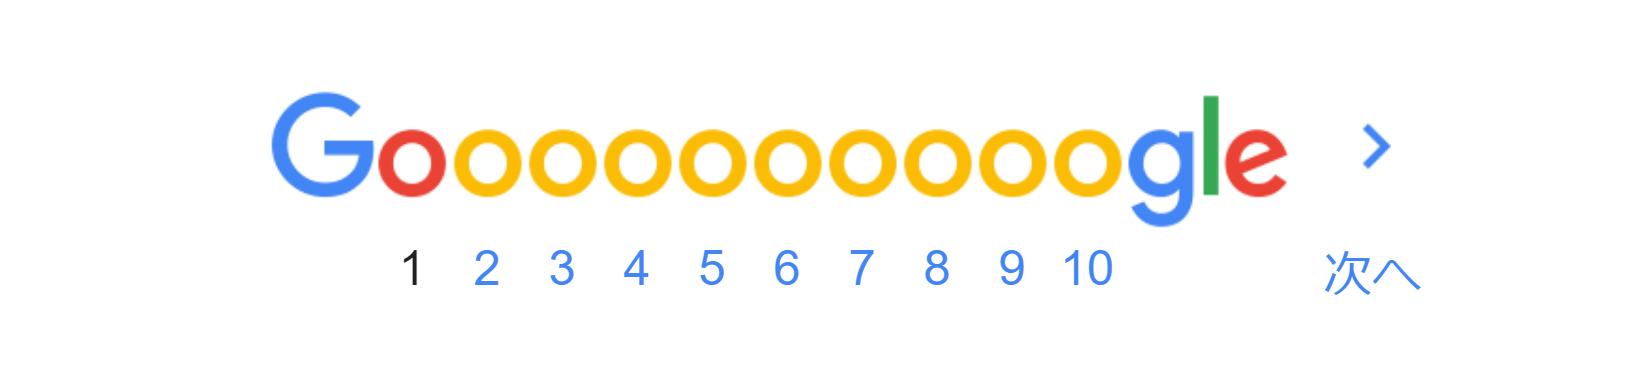 Googleの検索結果ページは、1ページ目しか見られていない?